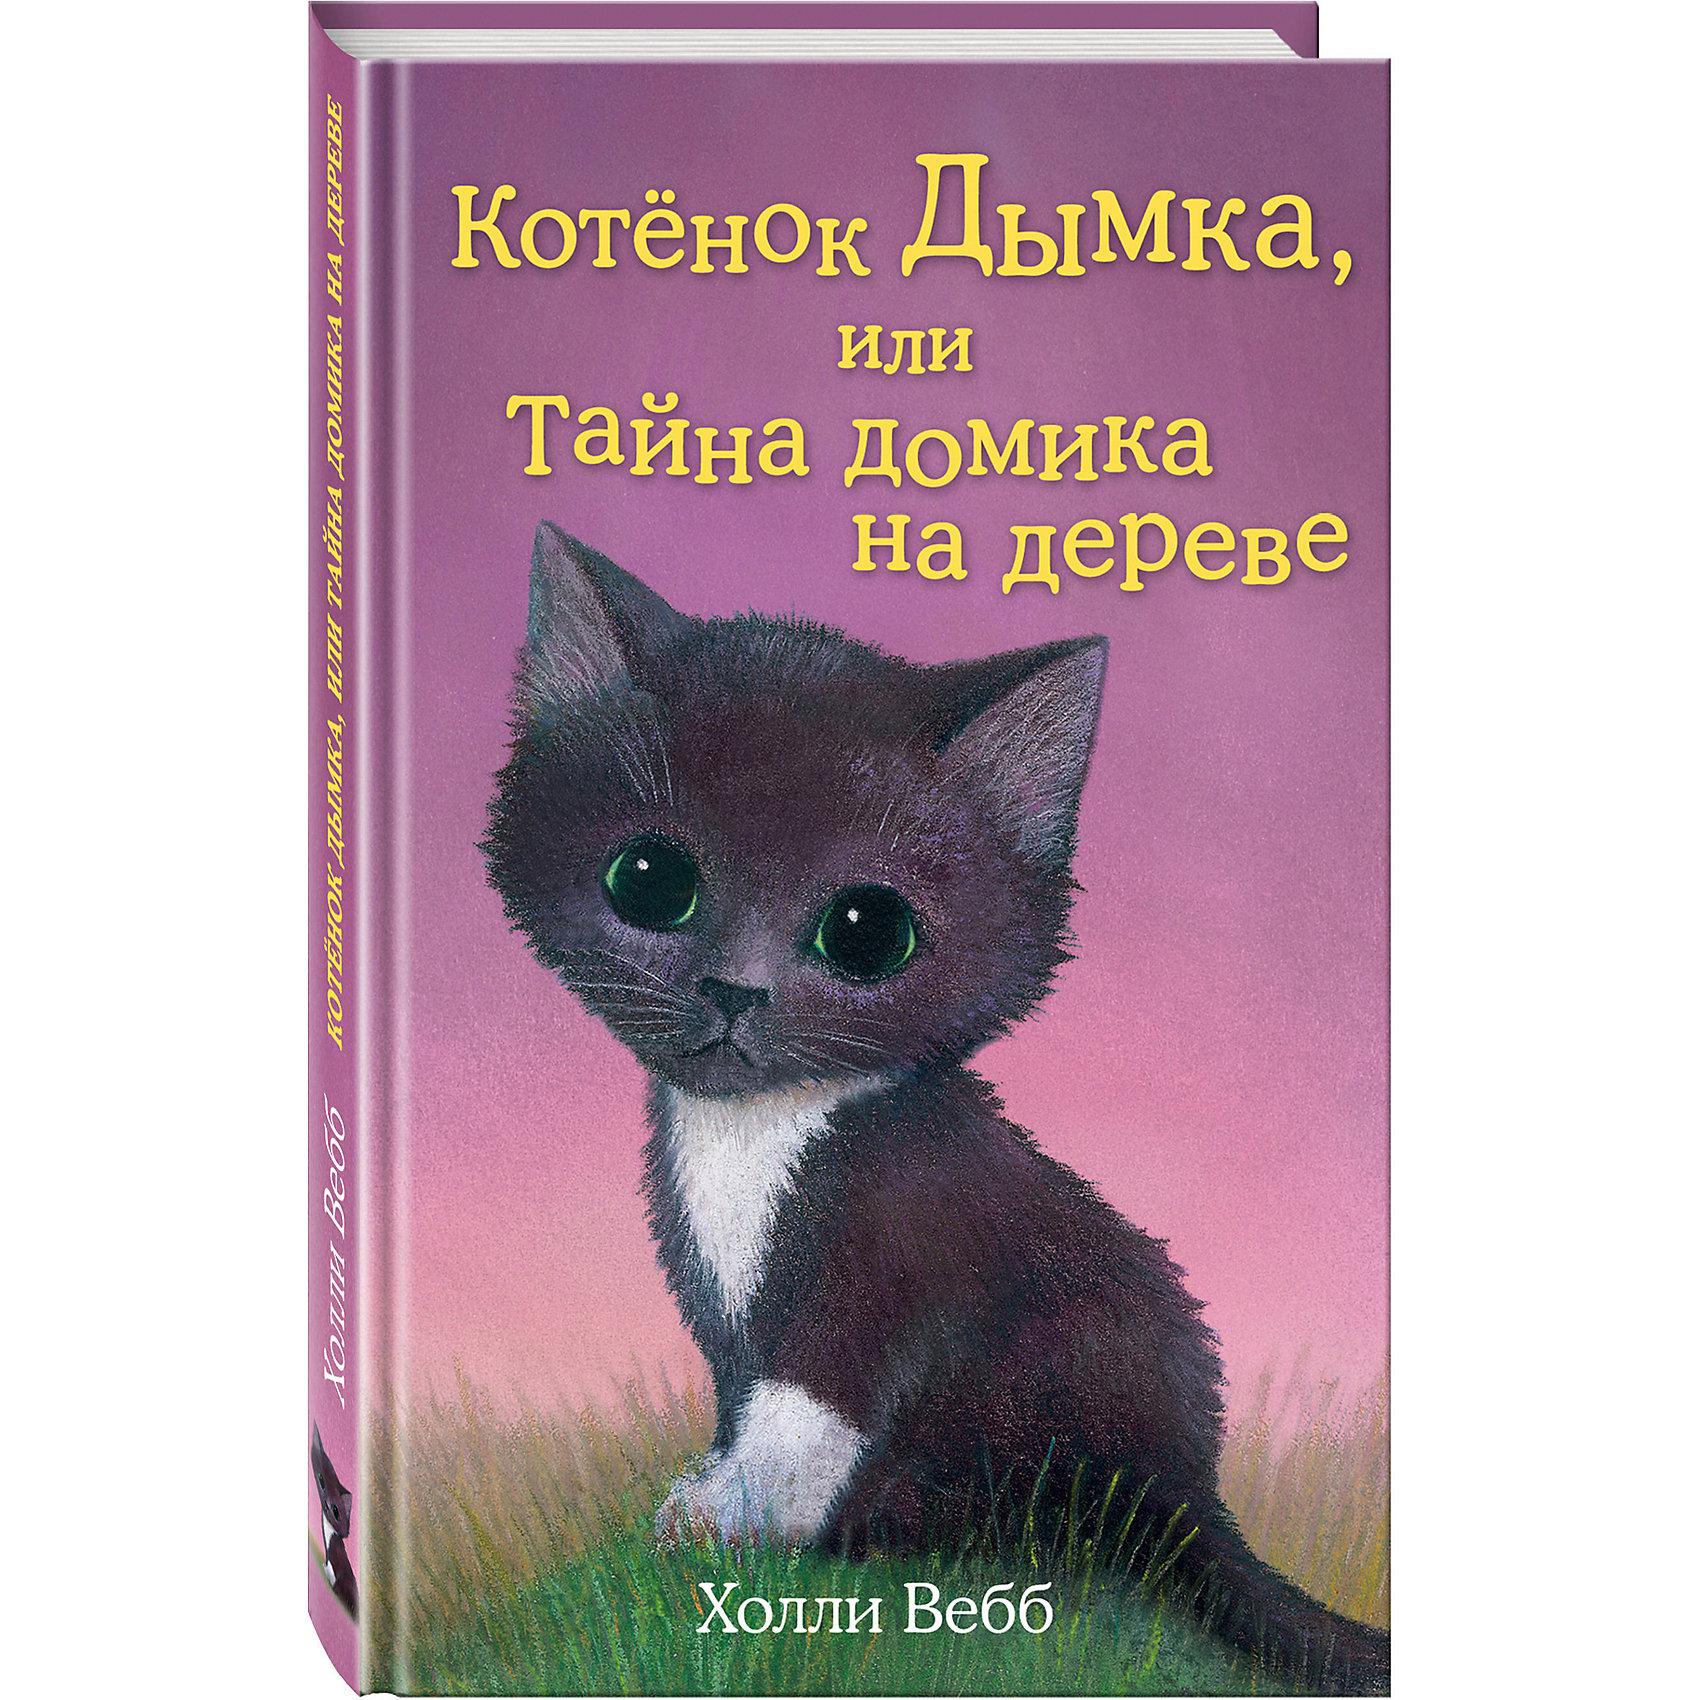 Котёнок Дымка, или Тайна домика на дереве, Холли ВеббКниги для мальчиков<br>Котёнок Дымка, или Тайна домика на дереве, Холли Вебб – это история о девочке, которая хотела иметь маленького питомца.<br>Эмми всегда мечтала о кошечке и надеялась, что на день рождения родители подарят ей веселого пушистого котенка. Но мама и папа не были уверены, что дочь готова о ком-то заботиться, поэтому в подарок девочка получила домик на дереве. Почти как настоящий, красивый и уютный, но даже самый лучший в мире домик не заменит котенка! Однажды в домик Эми заглянула черная кошечка, и девочка быстро с ней подружилась. Эми назвала кошечку Дымкой и не спешила рассказывать о ней родителям. А позже выяснилось, что у Дымки уже есть хозяйка, которая по ней скучает и разыскивает ее. Как же Эмми поступить, ведь она уже так привязалась к котенку? И какую из хозяек выберет сама Дымка? Для младшего школьного возраста. В книге крупный шрифт для самостоятельного чтения и замечательные черно-белые иллюстрации.<br><br>Дополнительная информация:<br><br>- Автор: Вебб Холли<br>- Художник: Вильямс Софи<br>- Переводчик: Лебедева Н.<br>- Издательство: Эксмо<br>- Серия: Добрые истории о зверятах. Мировой бестселлер<br>- Тип обложки: 7Б - твердая (плотная бумага или картон)<br>- Оформление: частичная лакировка<br>- Иллюстрации: черно-белые<br>- Страниц: 144 (офсет)<br>- Размер: 207x133x13 мм.<br>- Вес: 248 гр.<br><br>Книгу «Котёнок Дымка, или Тайна домика на дереве», Холли Вебб можно купить в нашем интернет-магазине.<br><br>Ширина мм: 207<br>Глубина мм: 133<br>Высота мм: 13<br>Вес г: 262<br>Возраст от месяцев: 72<br>Возраст до месяцев: 120<br>Пол: Унисекс<br>Возраст: Детский<br>SKU: 4158668